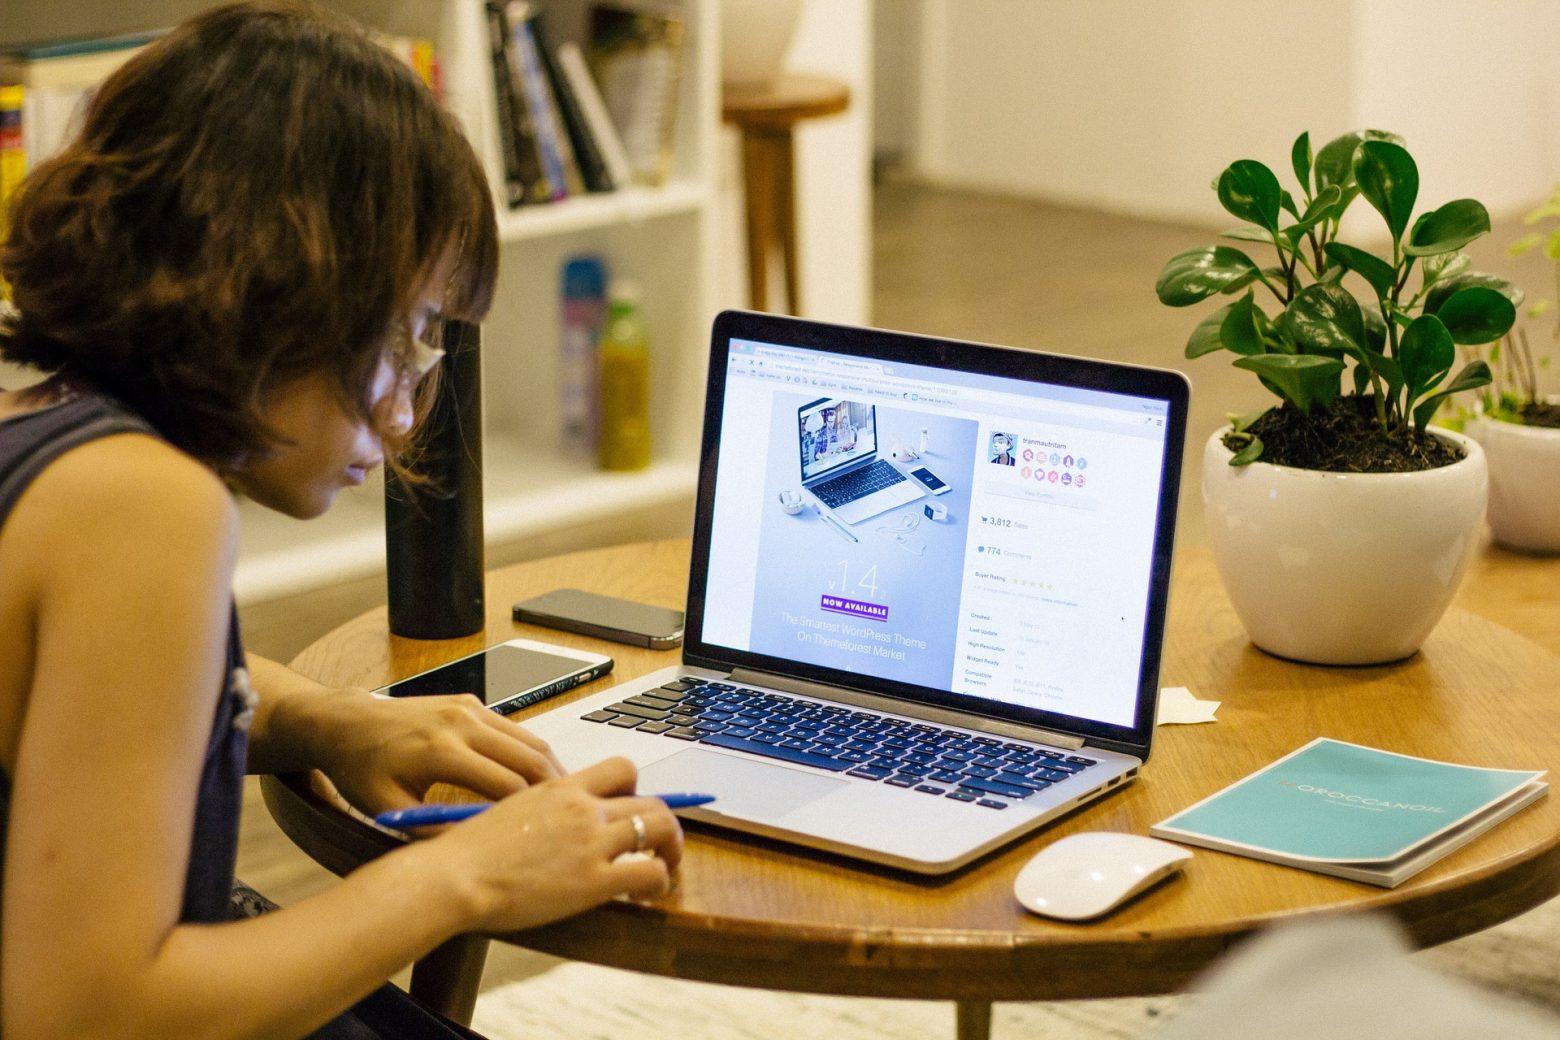 Home Office Lucrativo: Trabalhe para multinacionais sem sair de casa e ganhando em dólar?